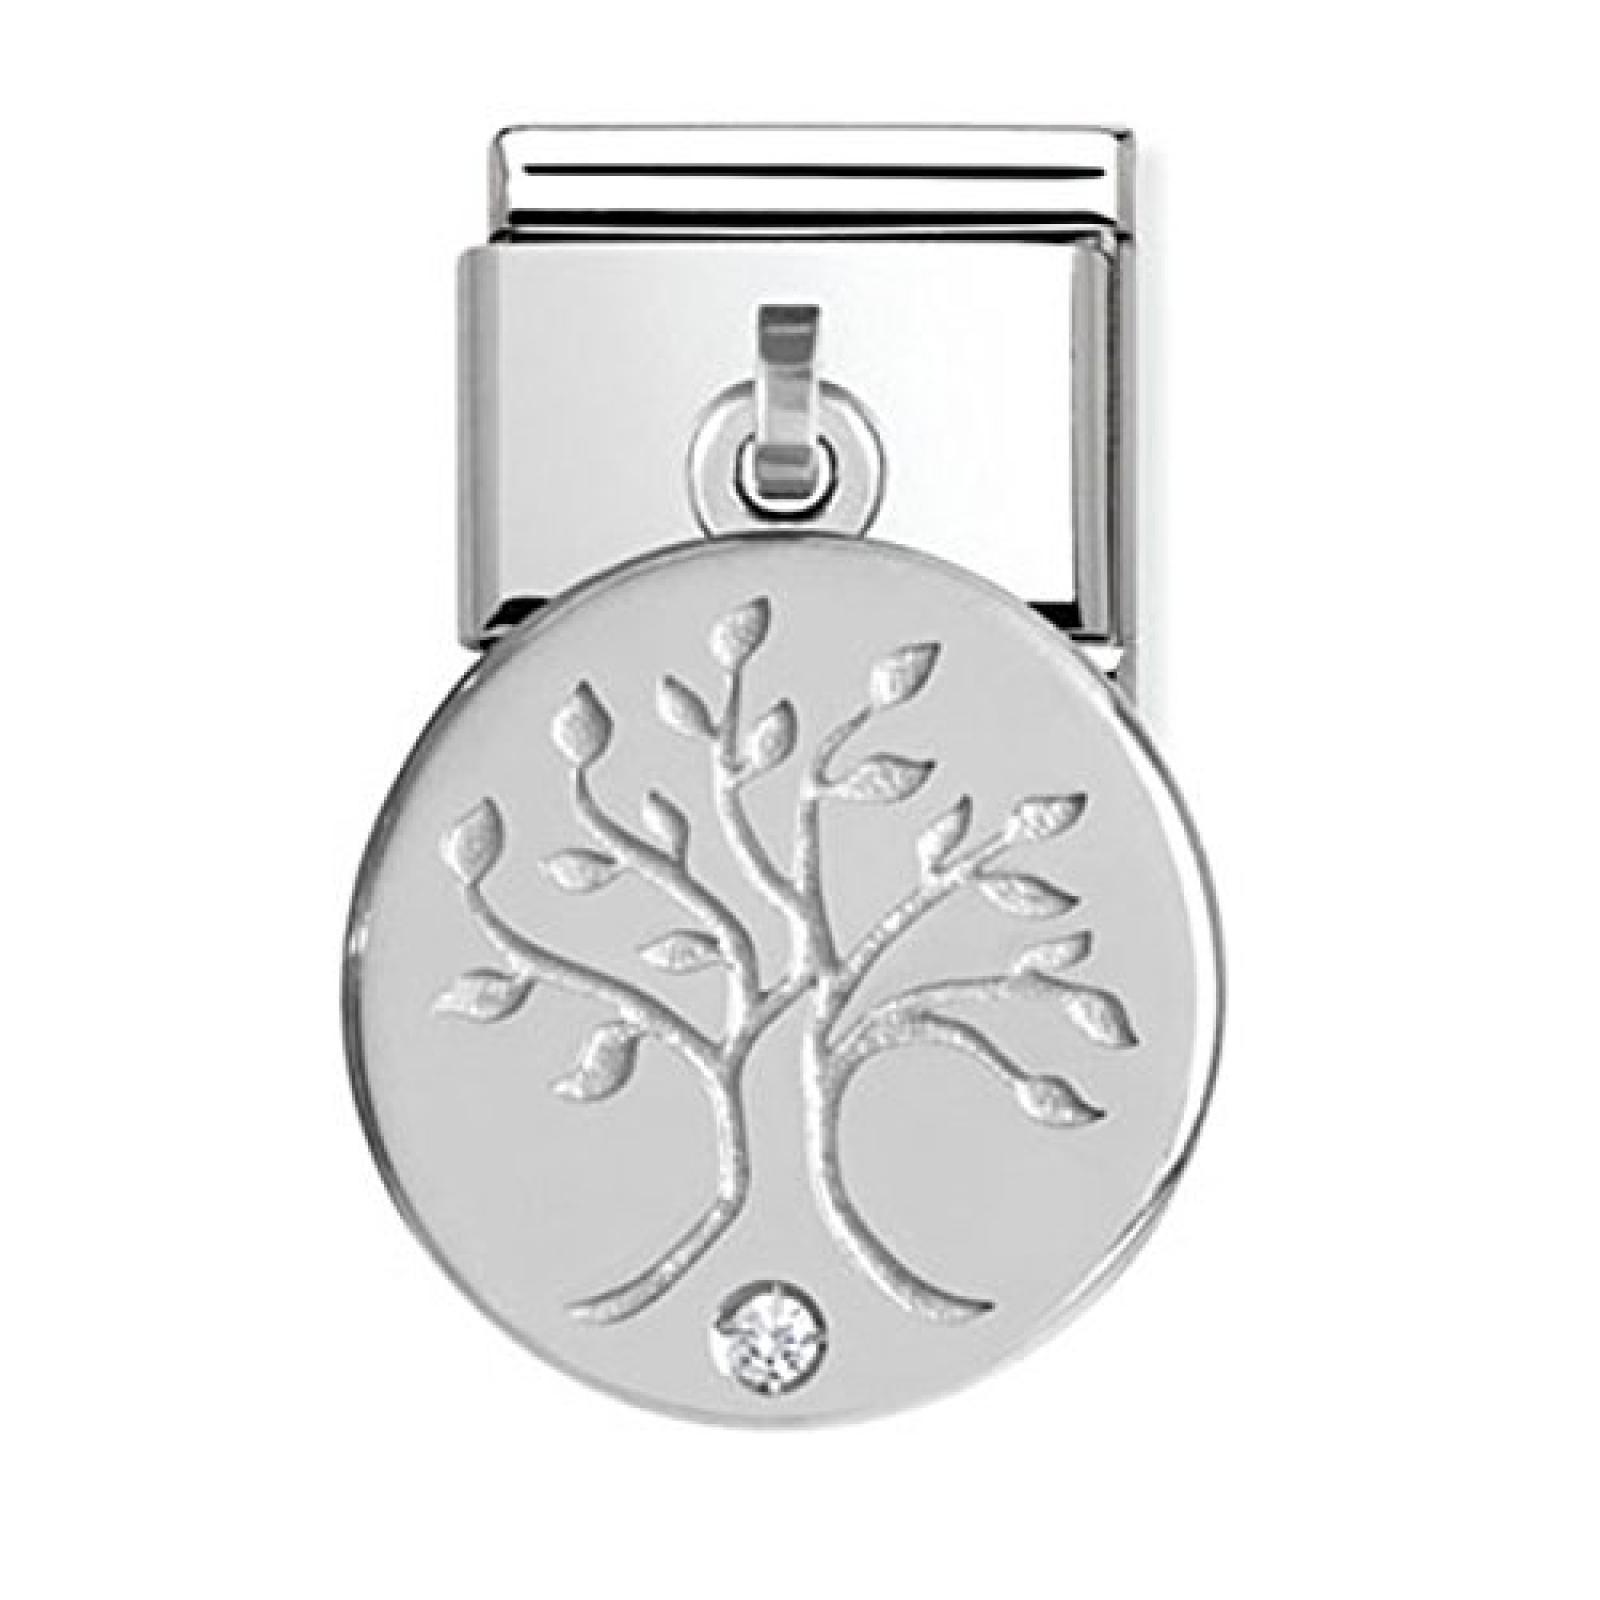 Nomination Damen-Charm Lebensbaum 925 Silber Edelstahl Zirkonia weiß - 031710/29